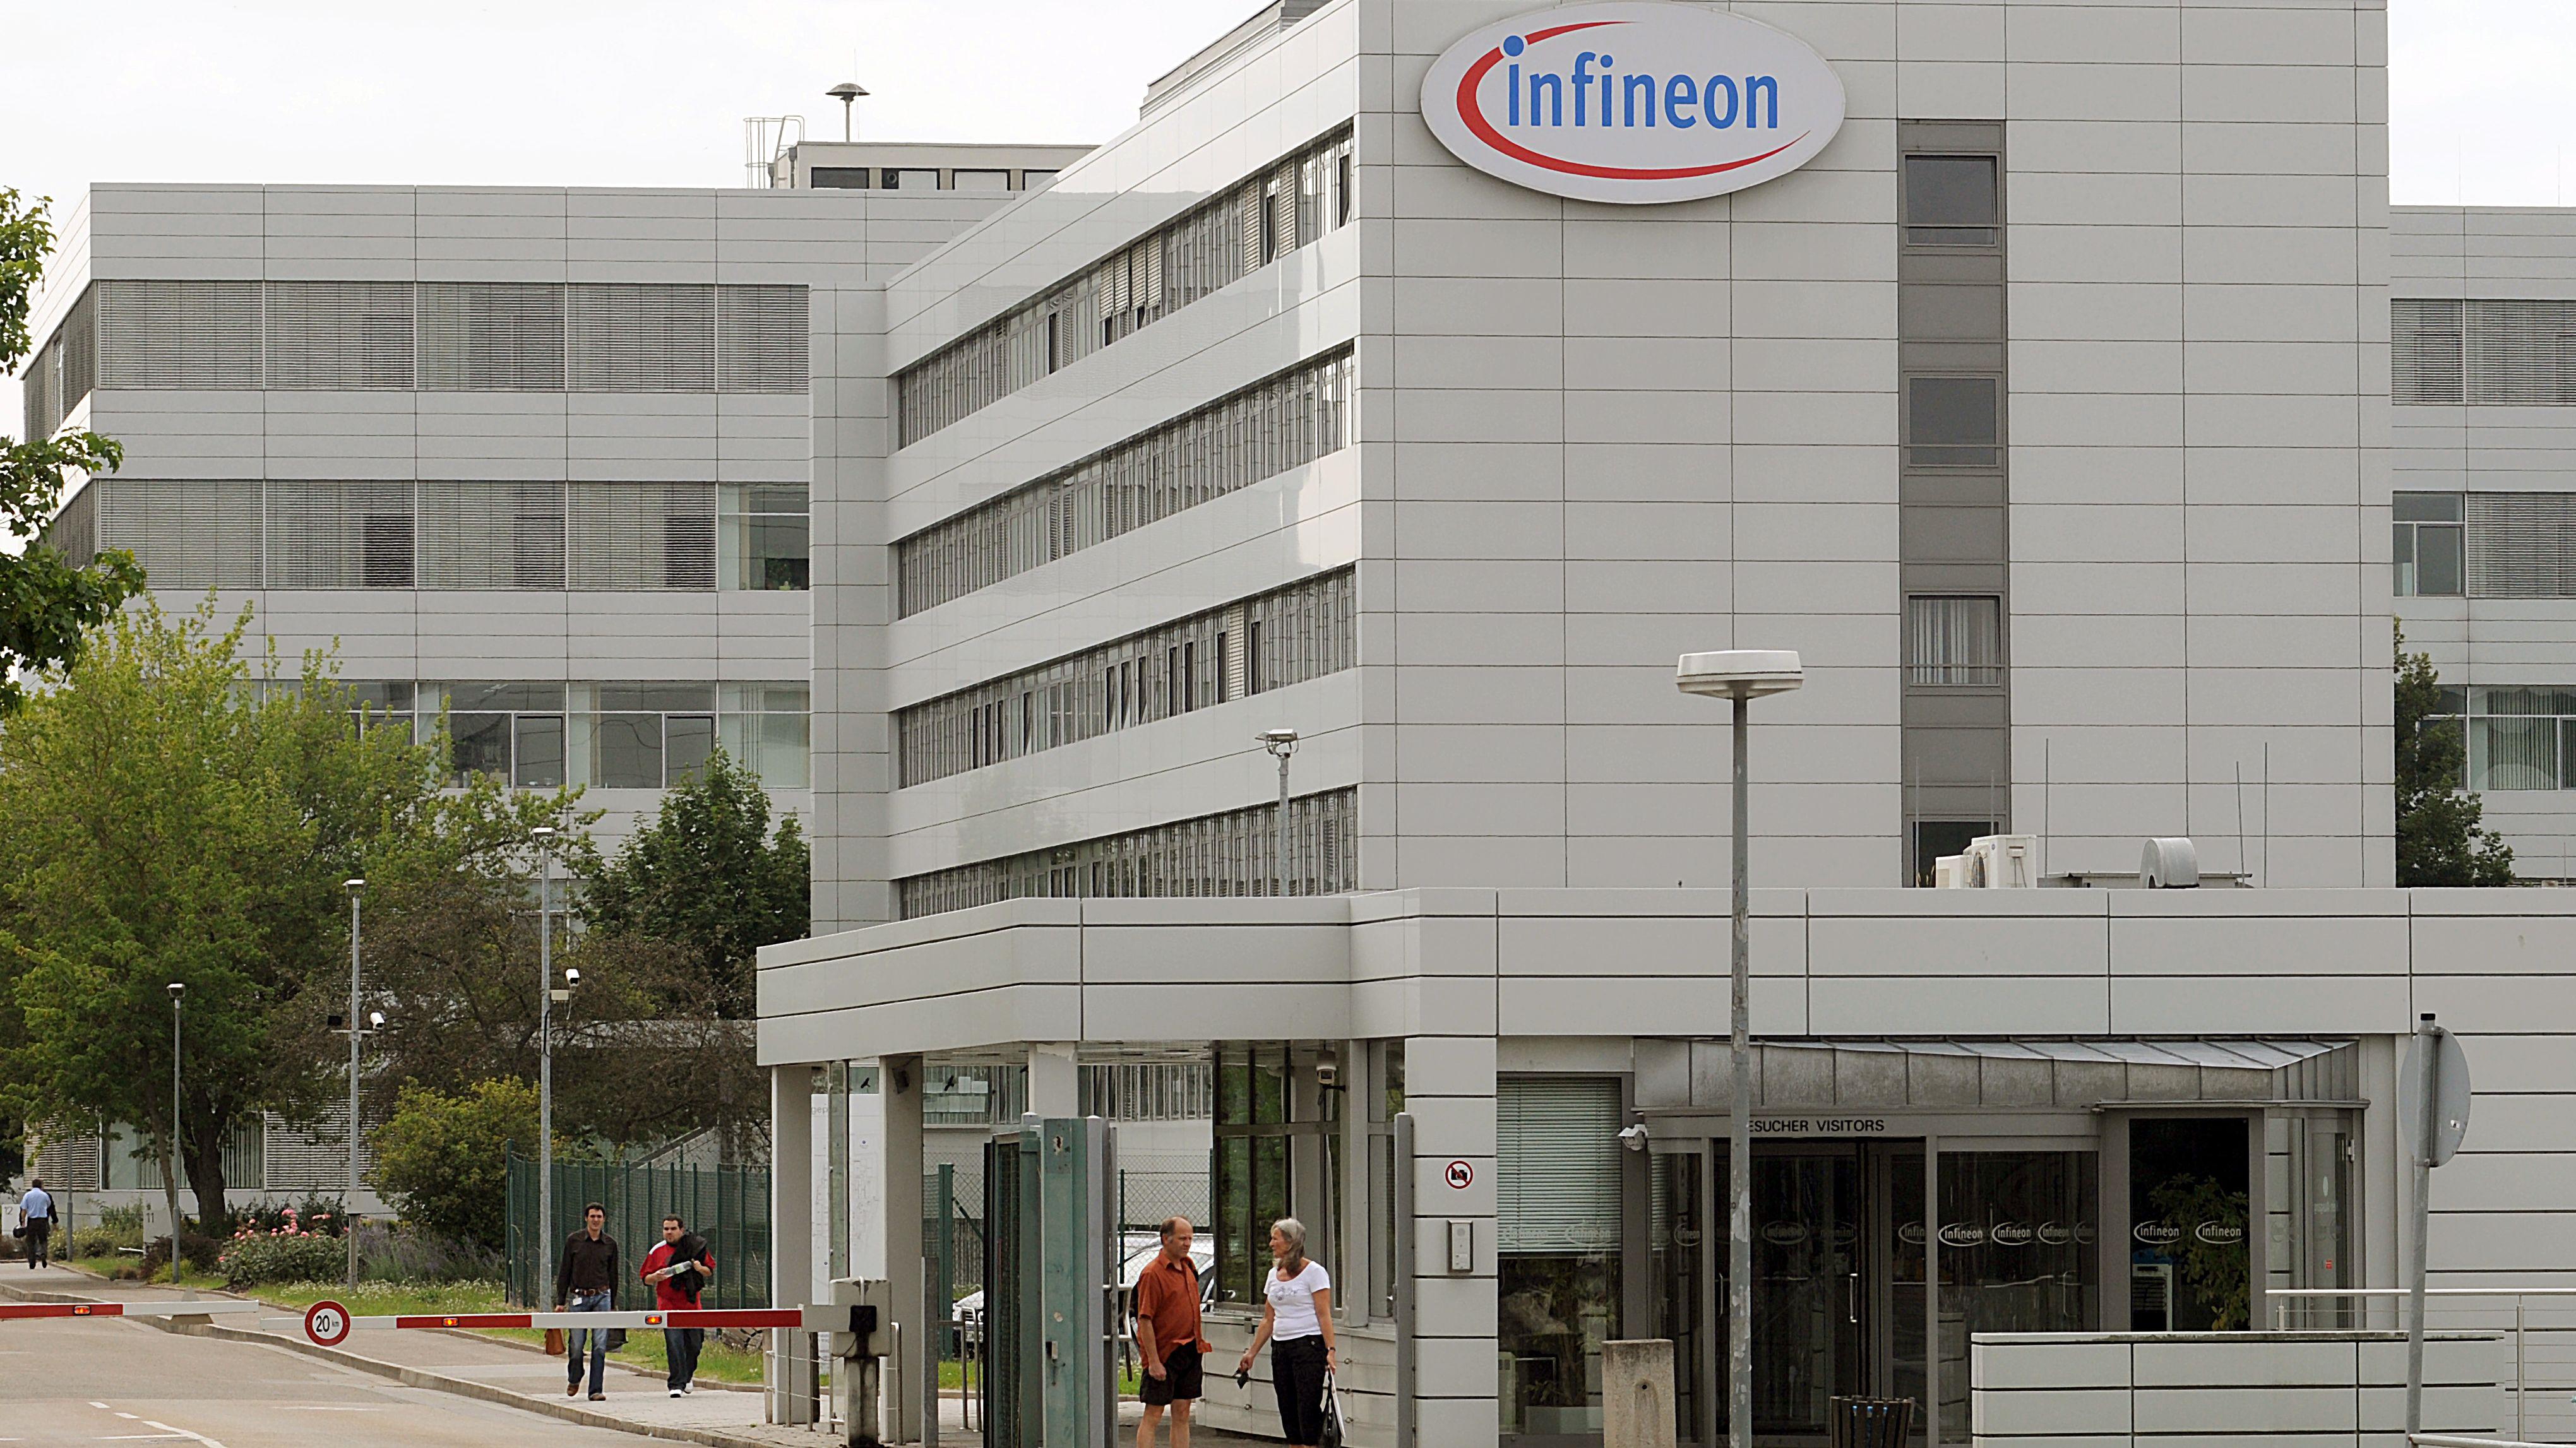 Werksgelände von Infineon in Regensburg